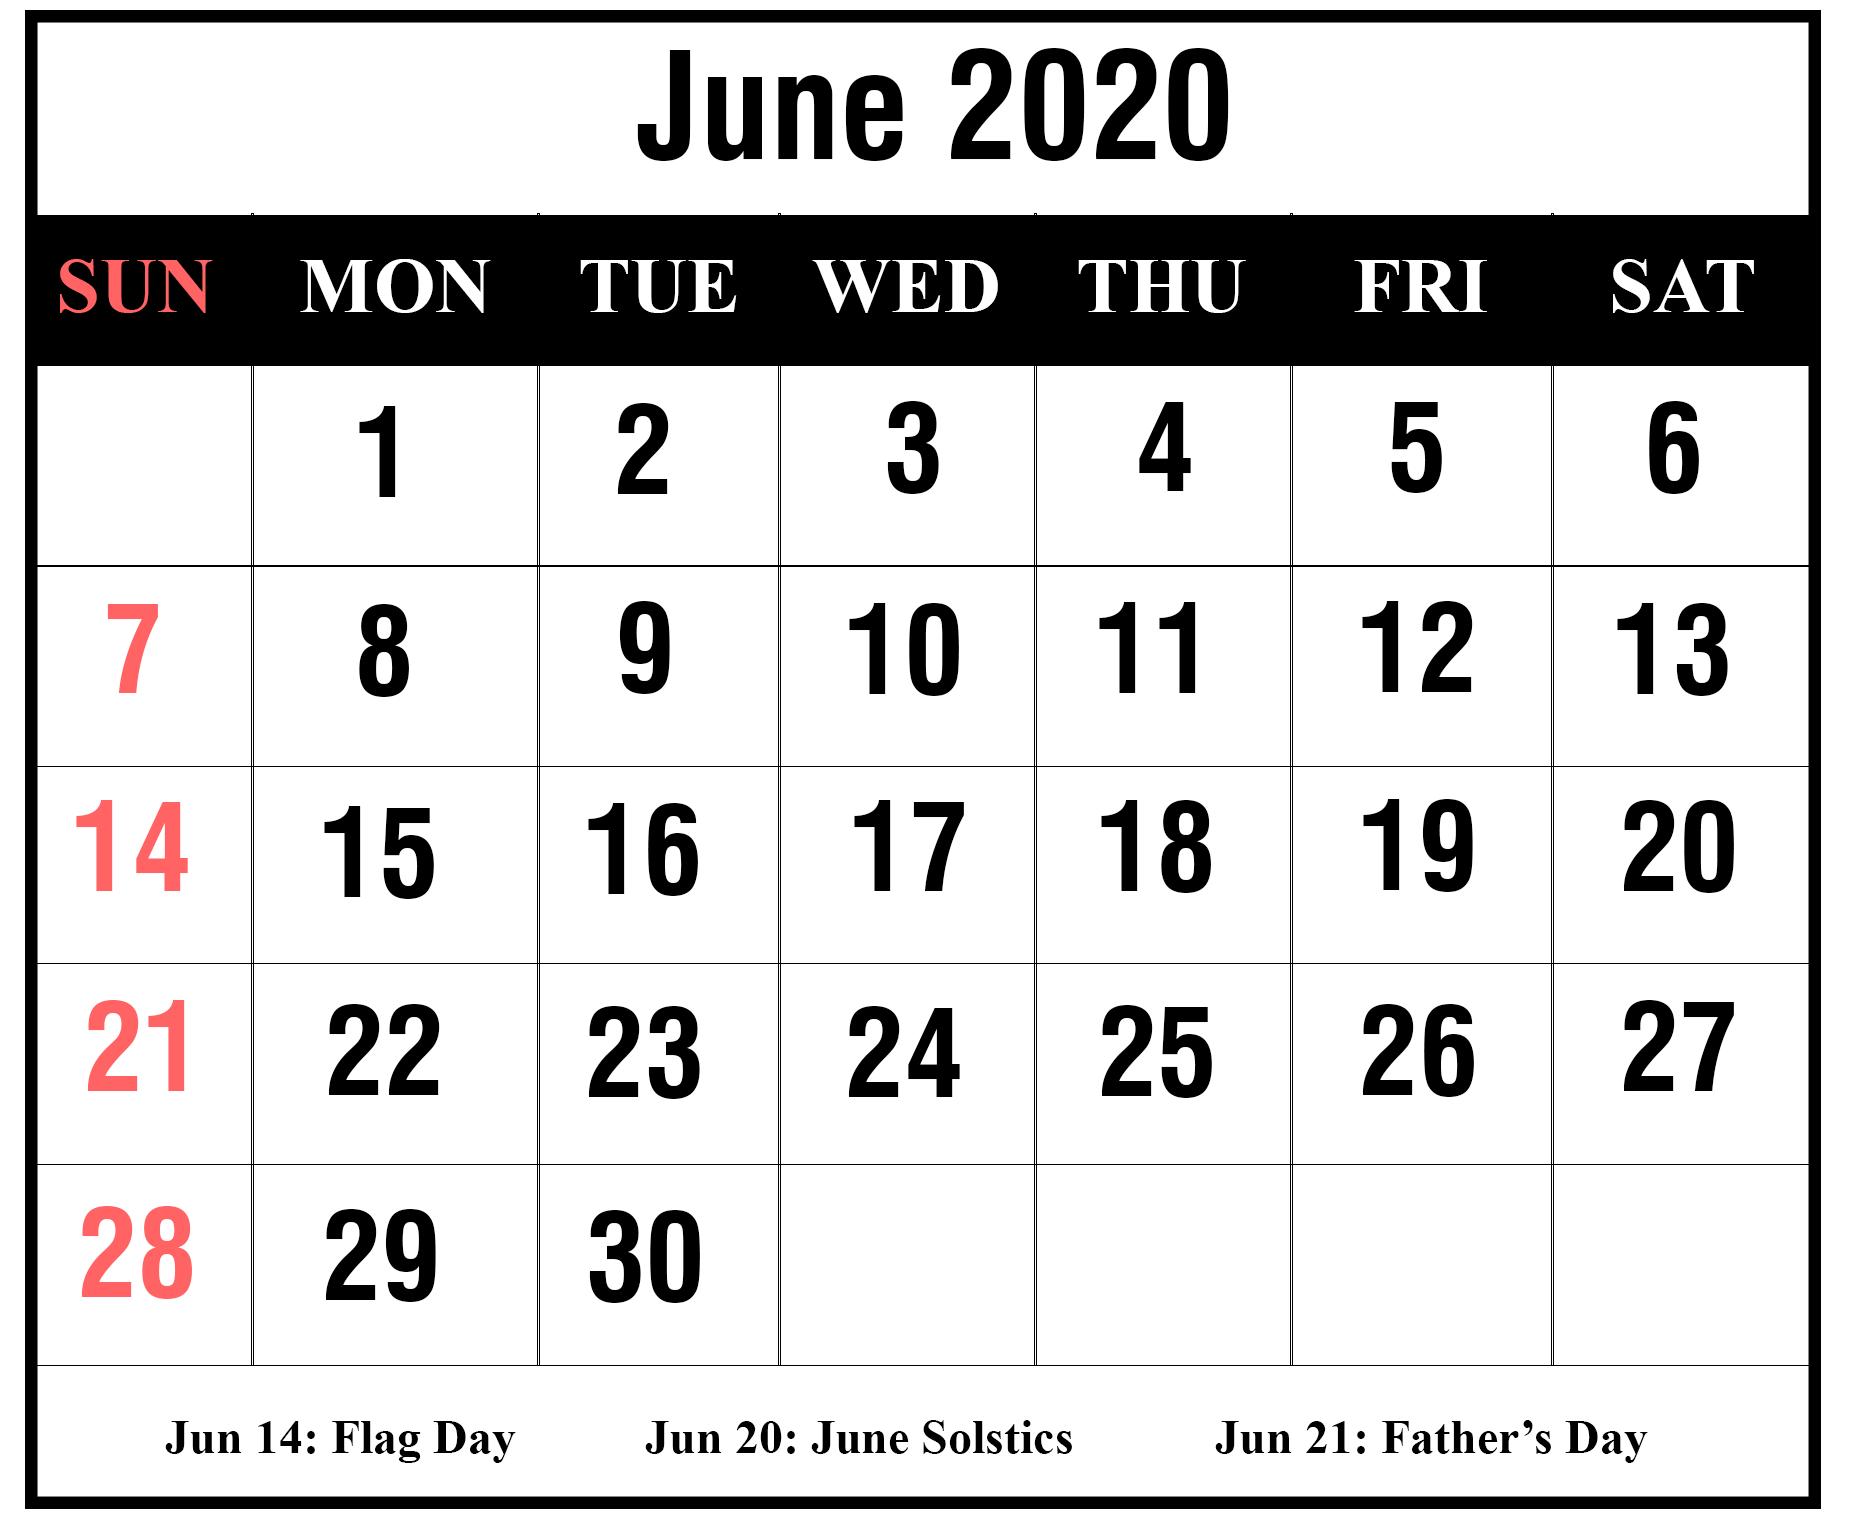 June 2020 Holidays Calendar Template